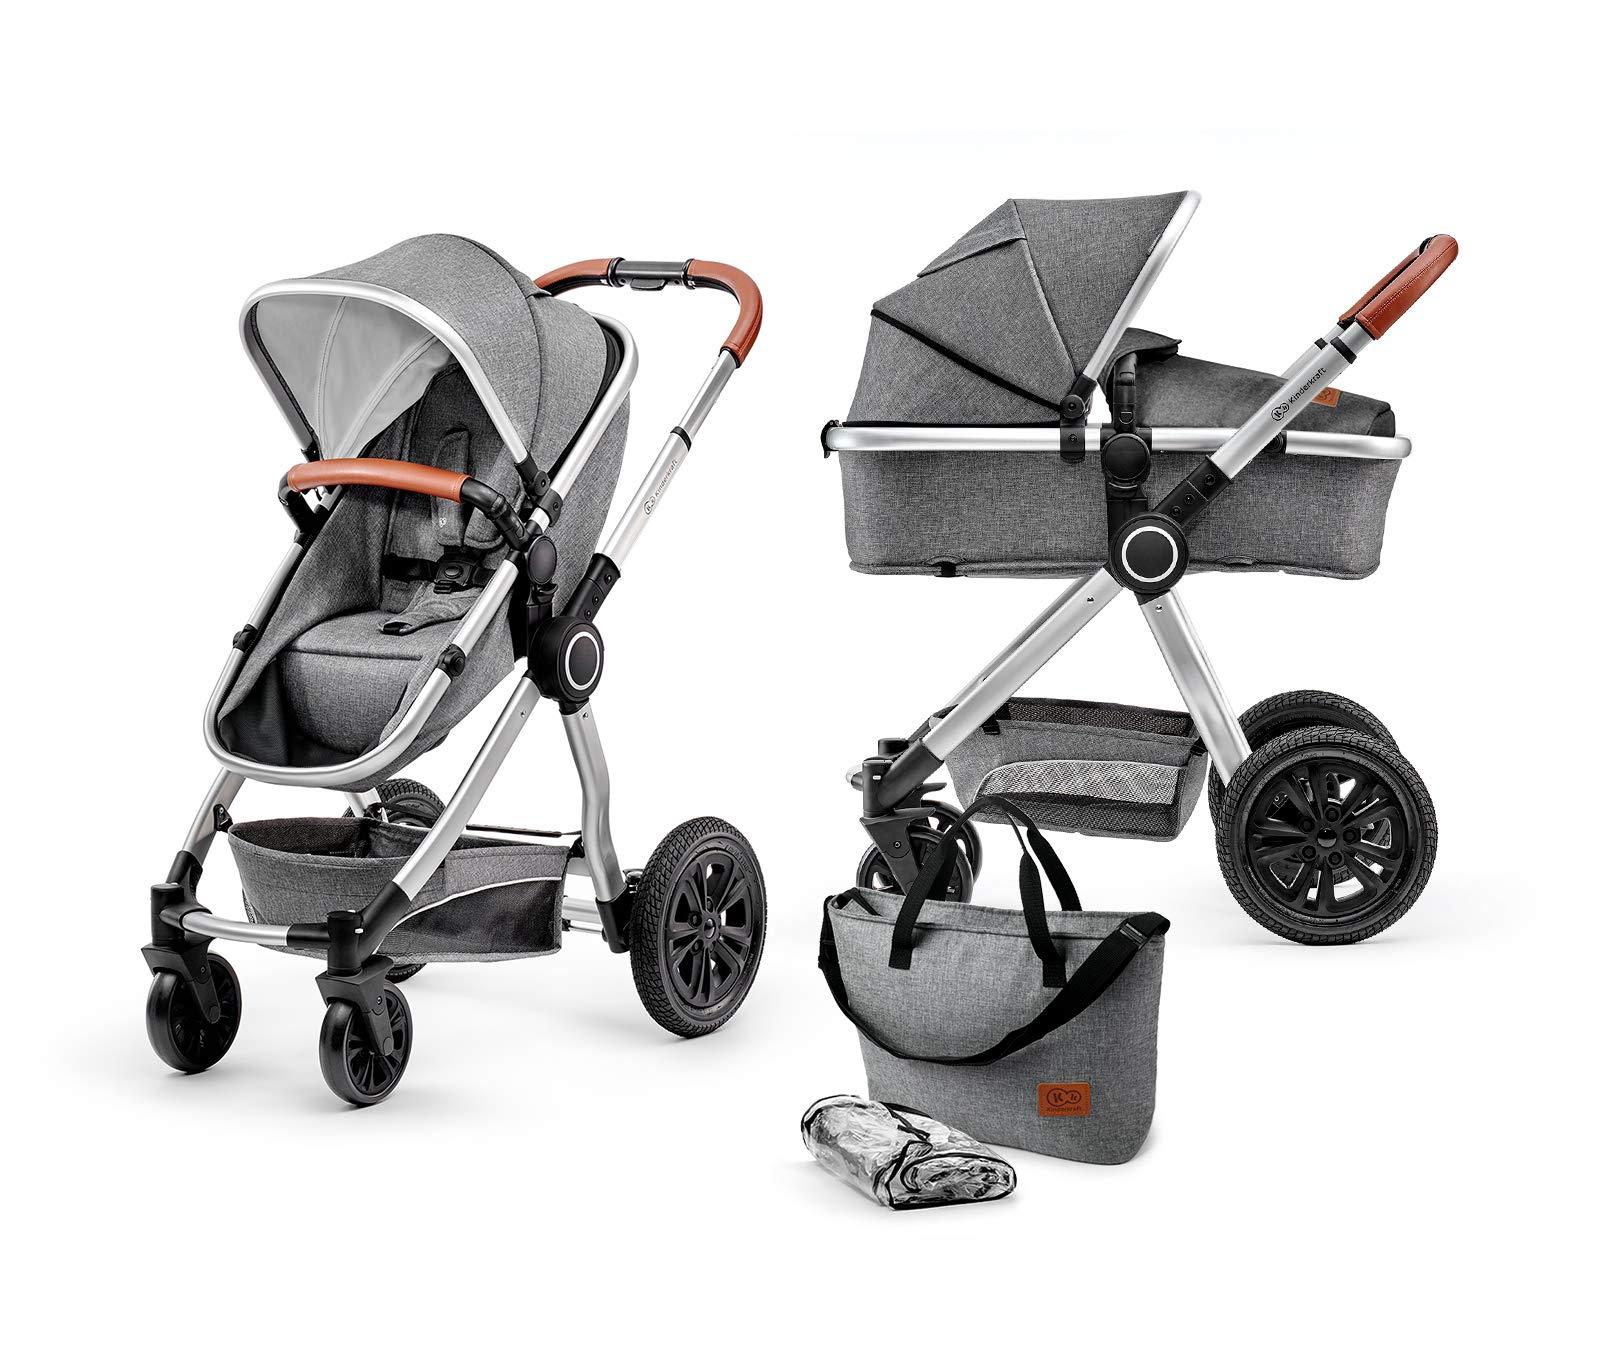 Kinderkraft Kinderwagen 2 in 1 VEO, Kinderwagenset, Kombikinderwagen, Sportwagen, Buggy und Tragewanne in Einem, Zubehör…